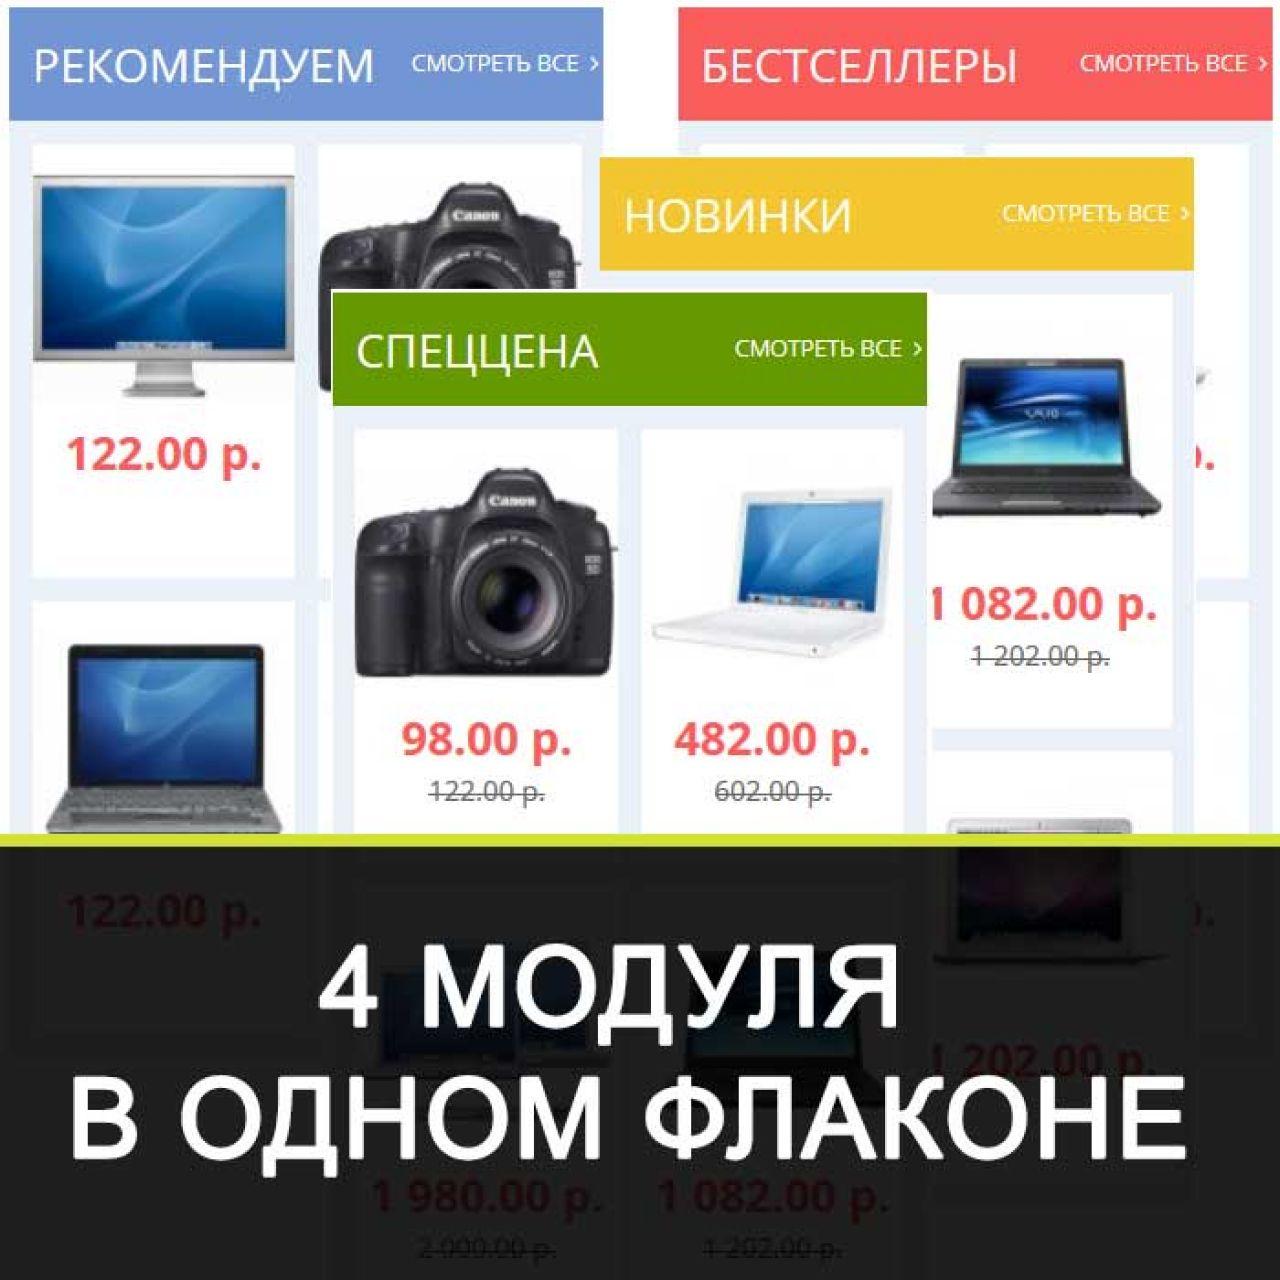 4 модуля в 1 флаконе (Рекомендуемые, Акции, Хиты продаж, Новинки) из категории Цены, скидки, акции, подарки для CMS OpenCart (ОпенКарт)